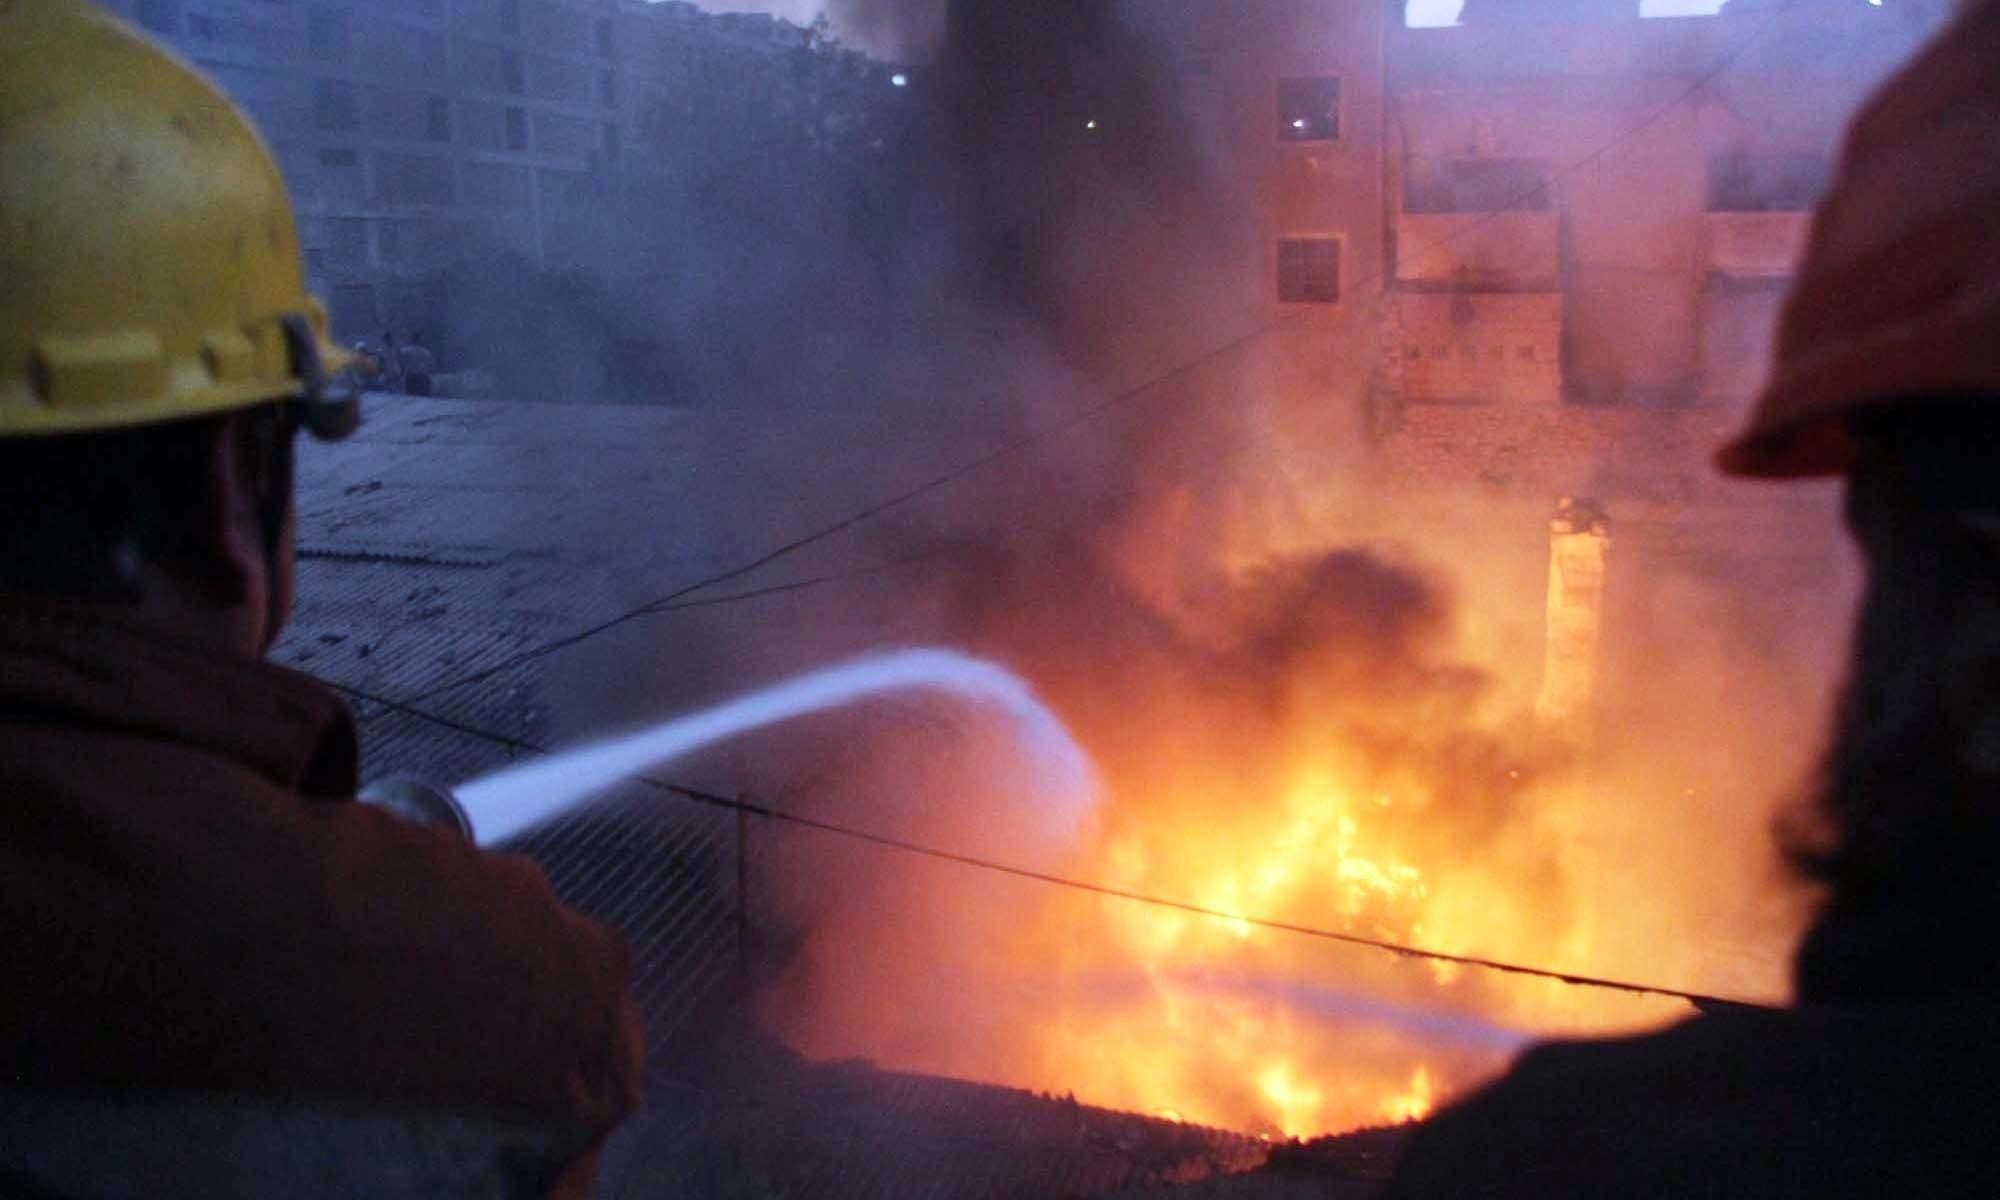 کراچی: سائٹ ایریا میں ٹینک کی صفائی کے دوران زہریلی گیس سے 6 مزدور ہلاک